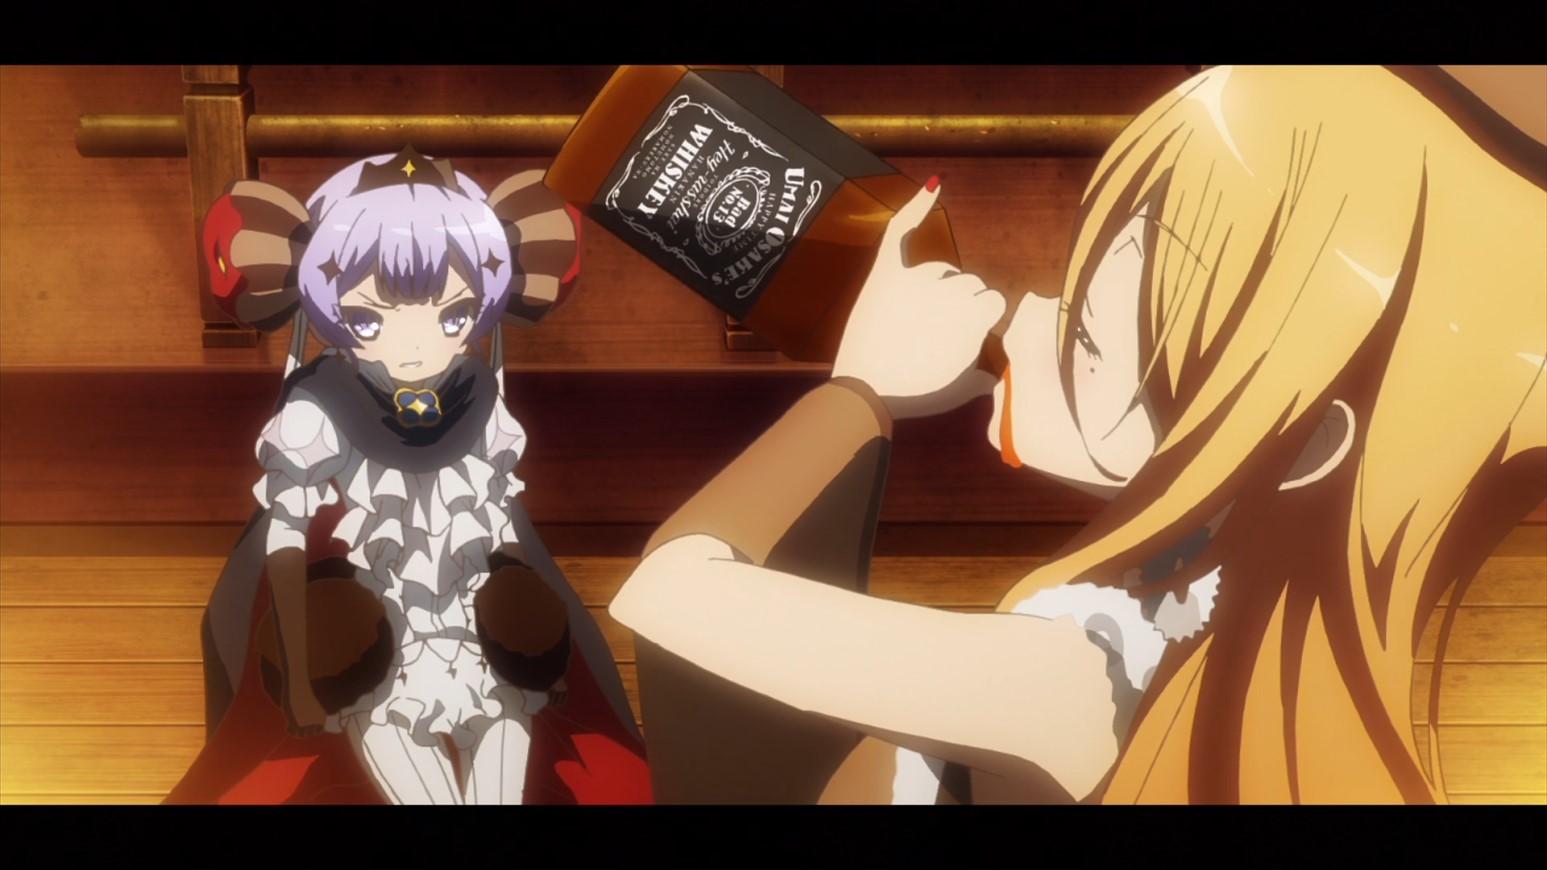 [2.0] Caméos et clins d'oeil dans les anime et mangas!  - Page 9 732943HorribleSubsMahouShoujoIkuseiKeikaku041080pmkvsnapshot141020161022194506